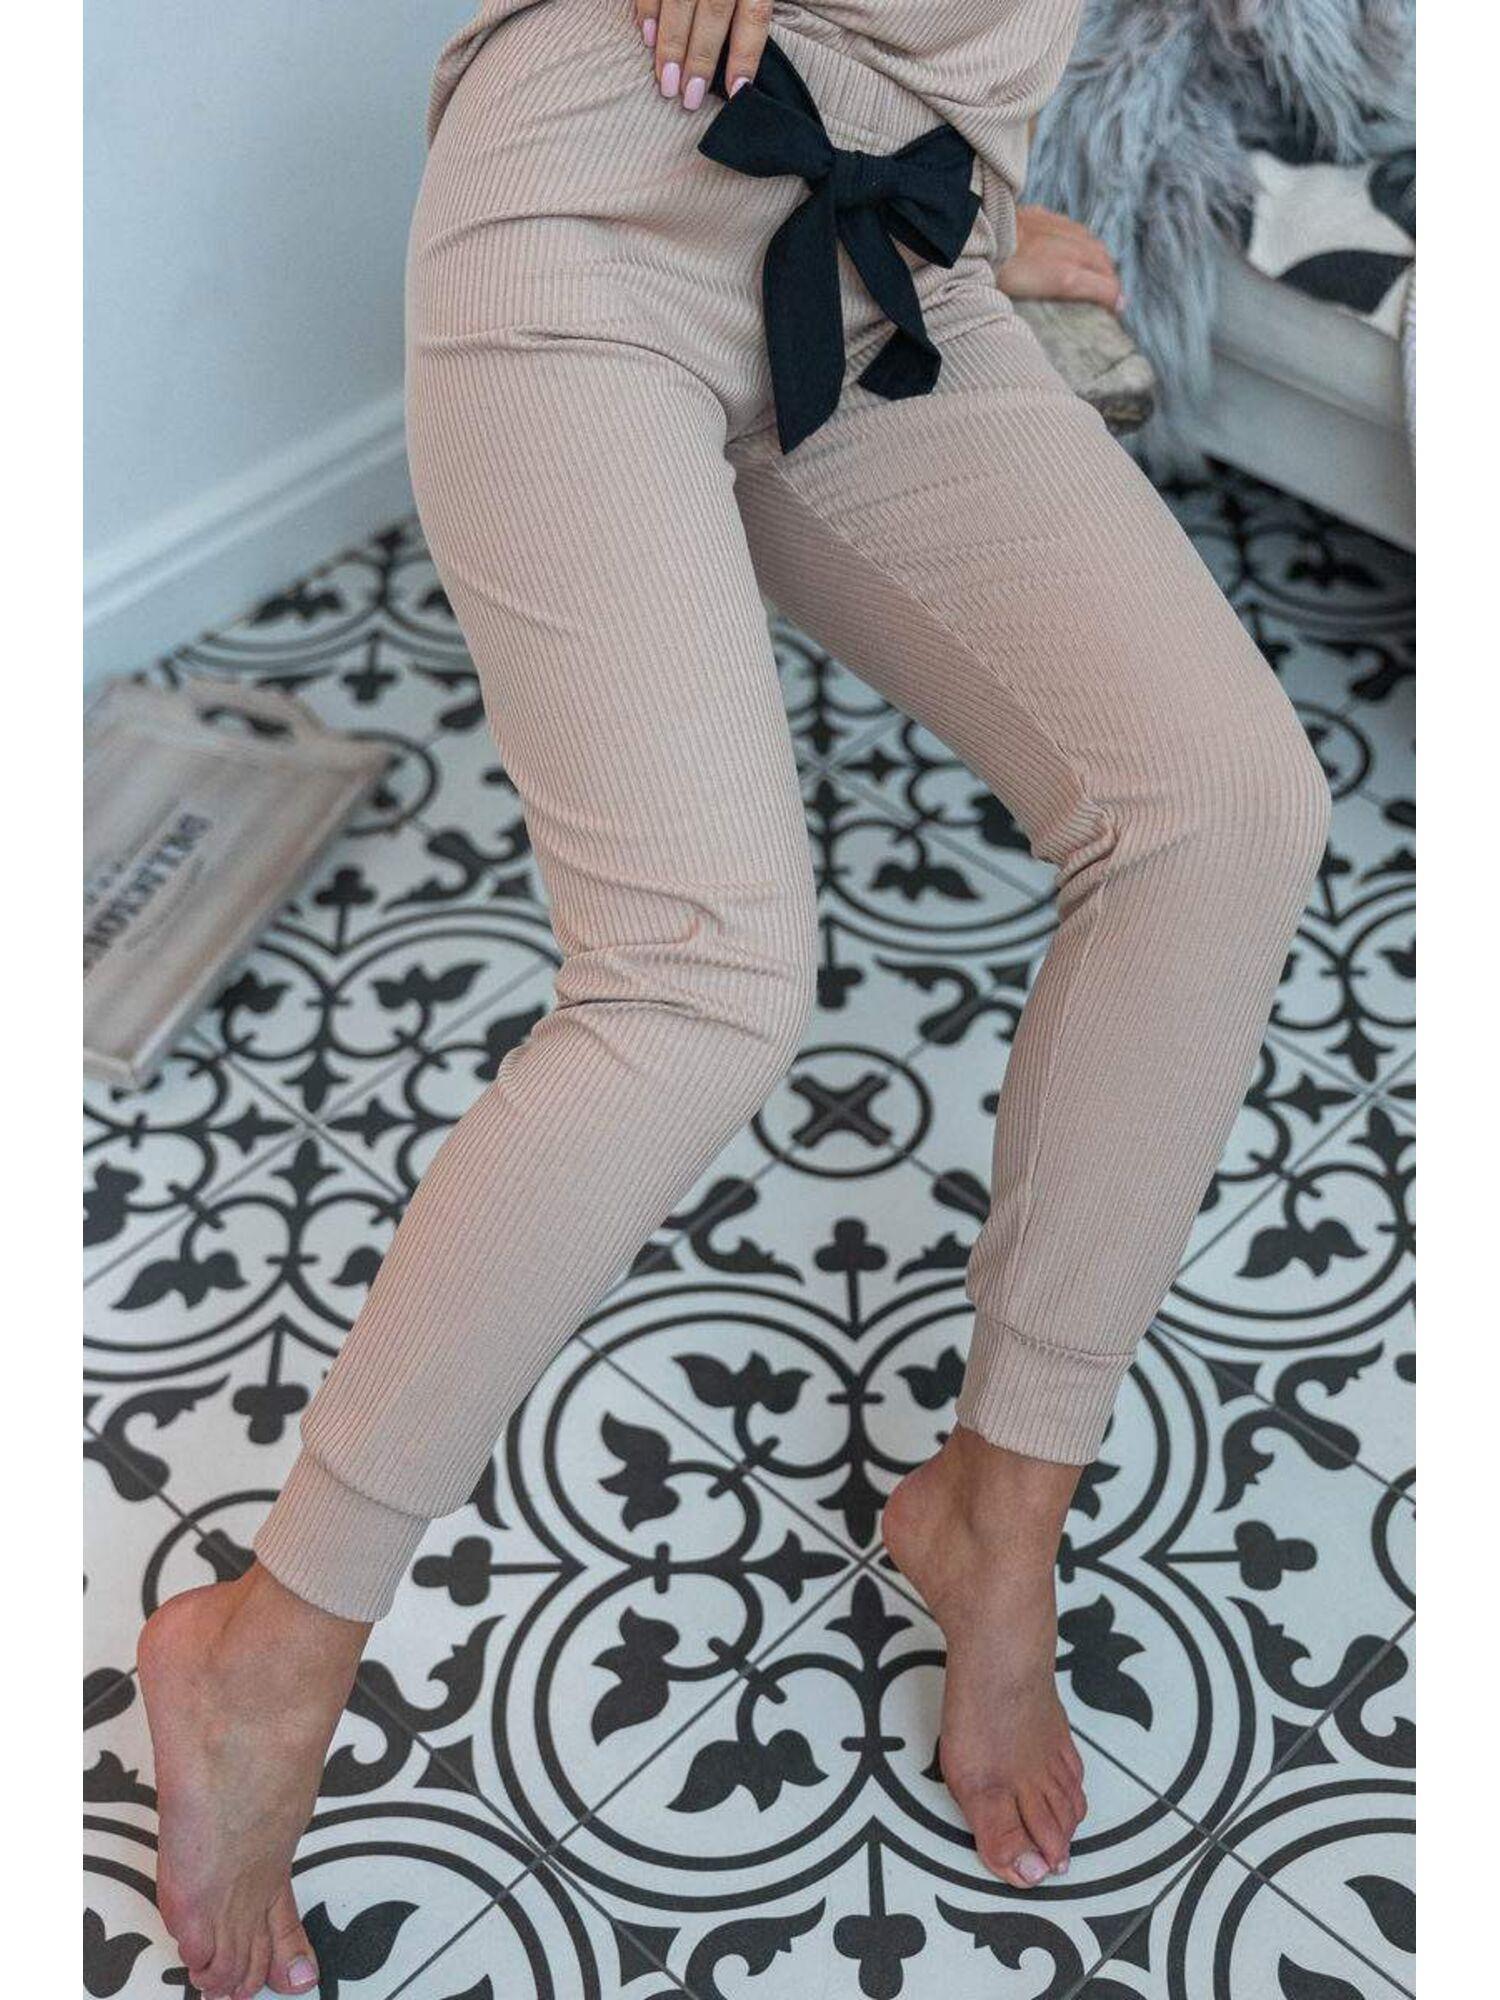 Комплект женский со штанами KOMPLET MIREIA, бежевый, Sensis